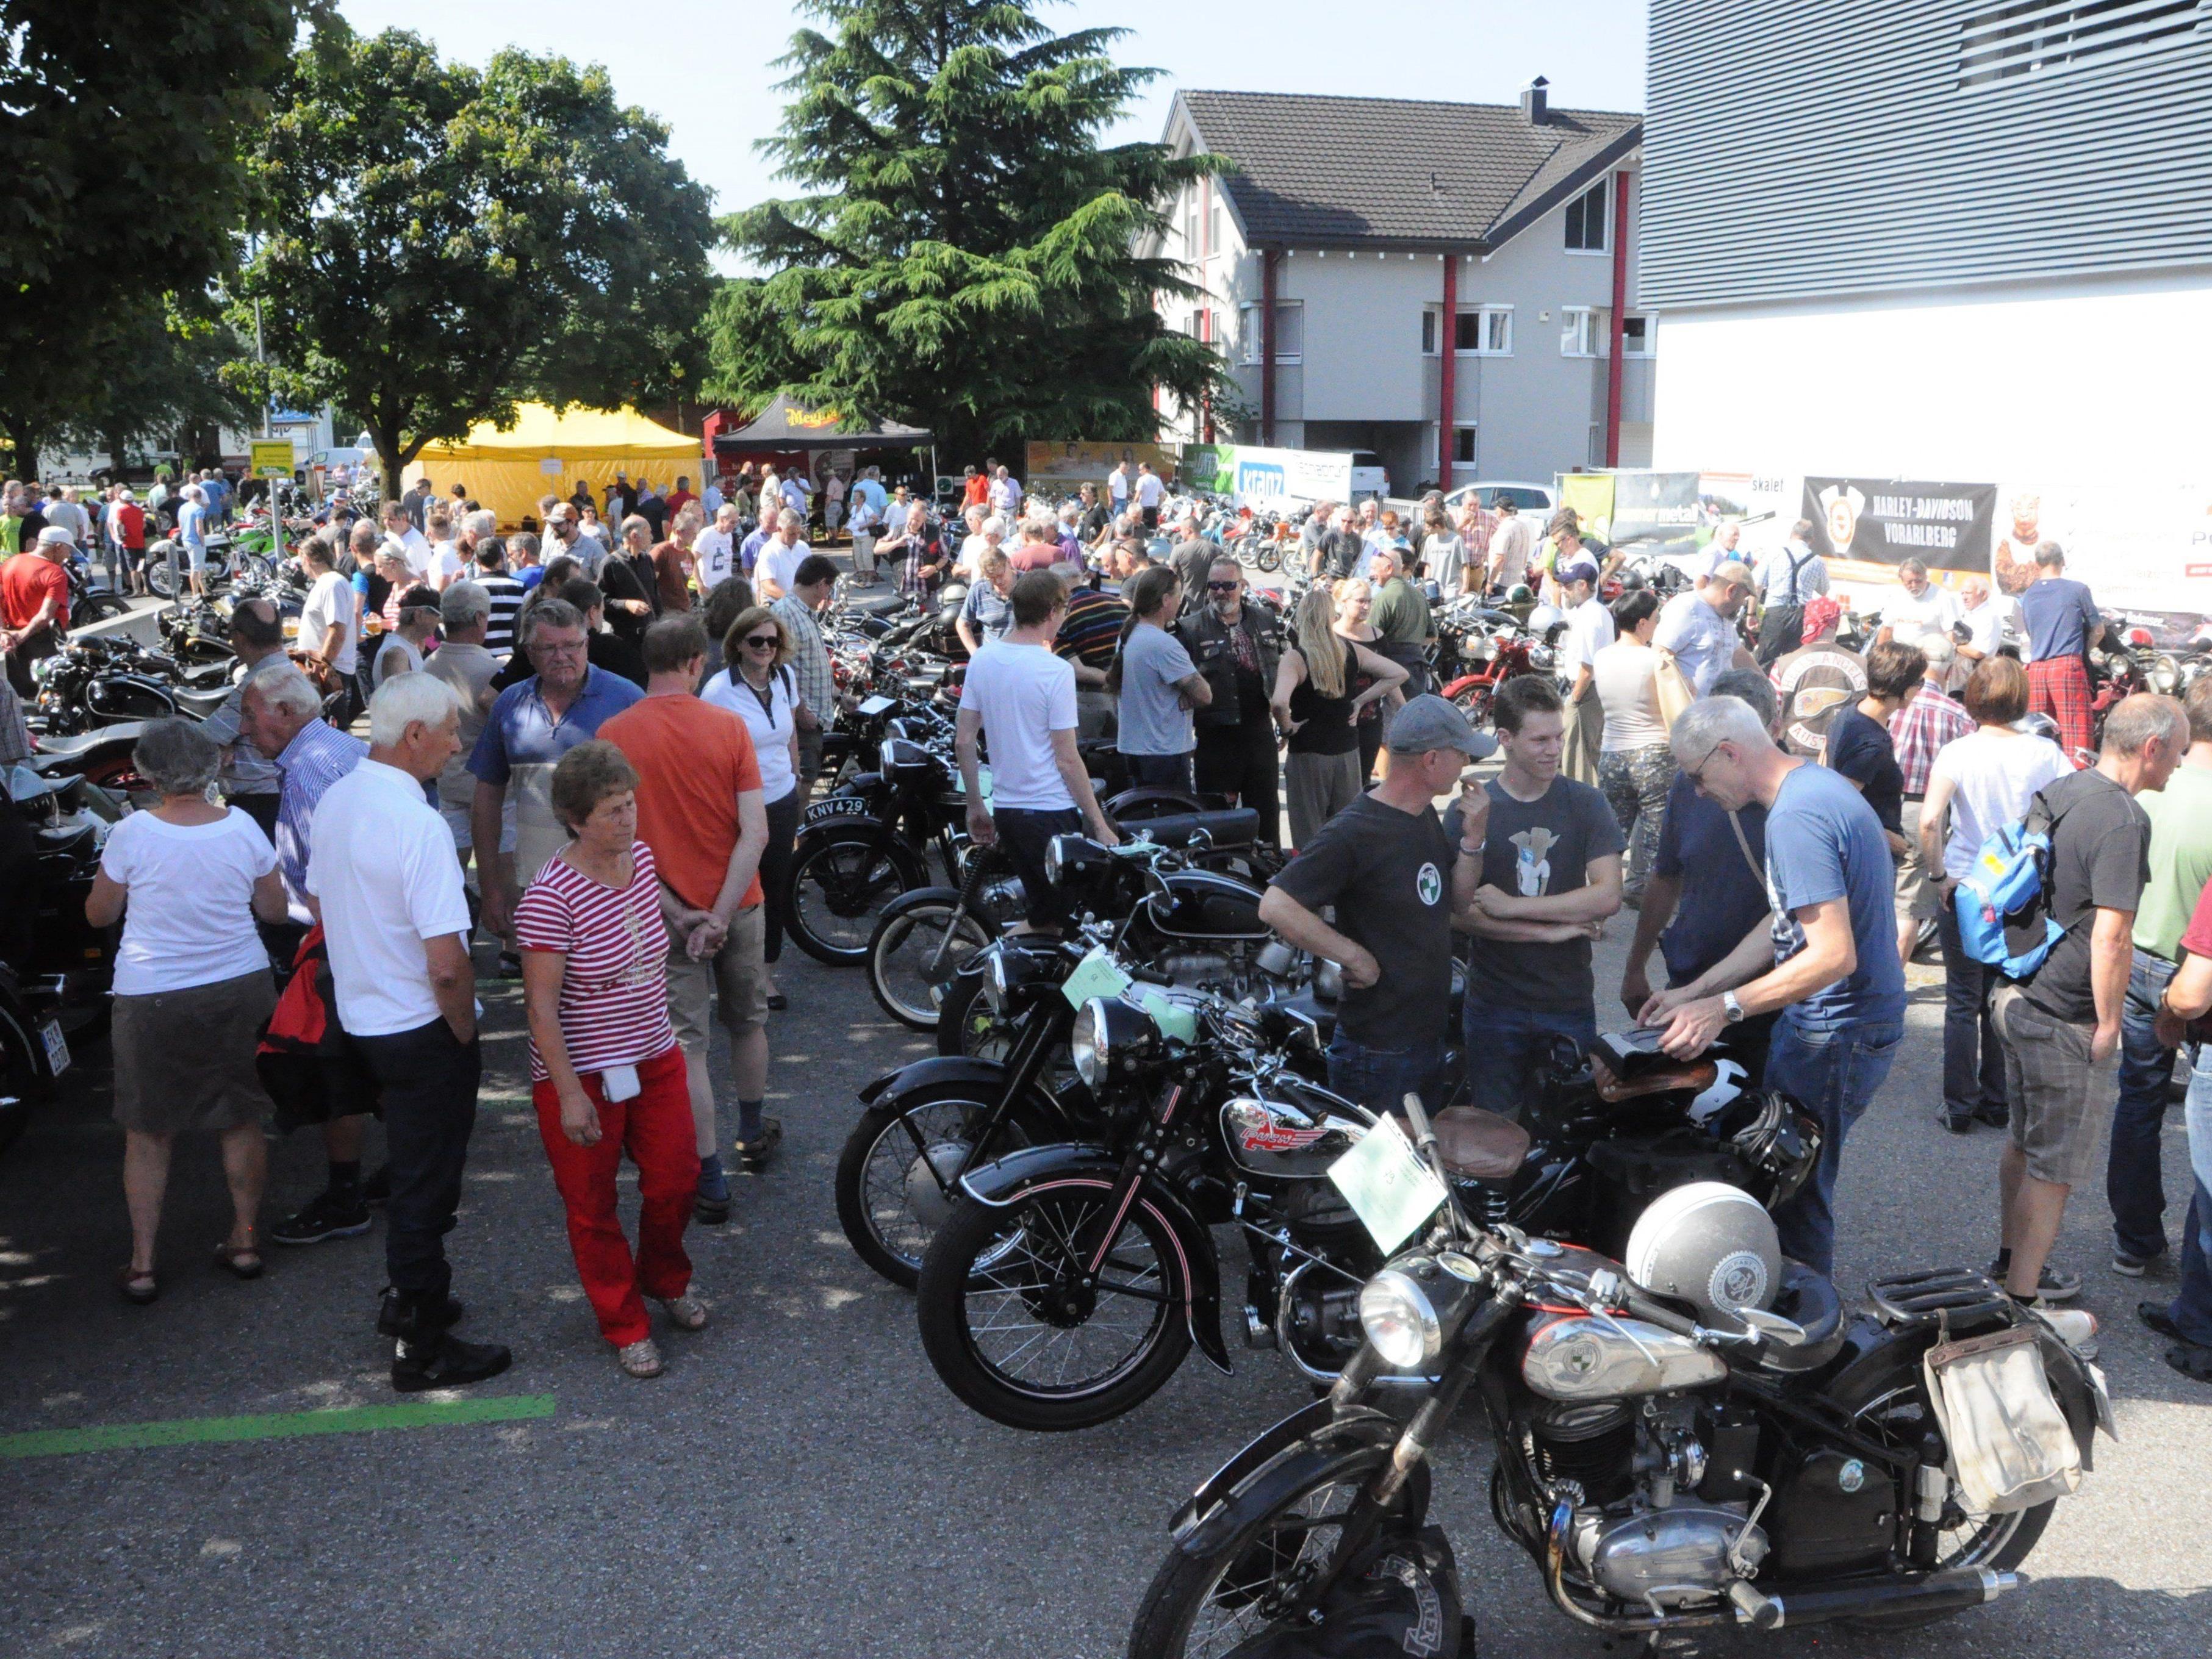 Viele Besucher bestaunten die über 400 alten Motorräder in Weiler.